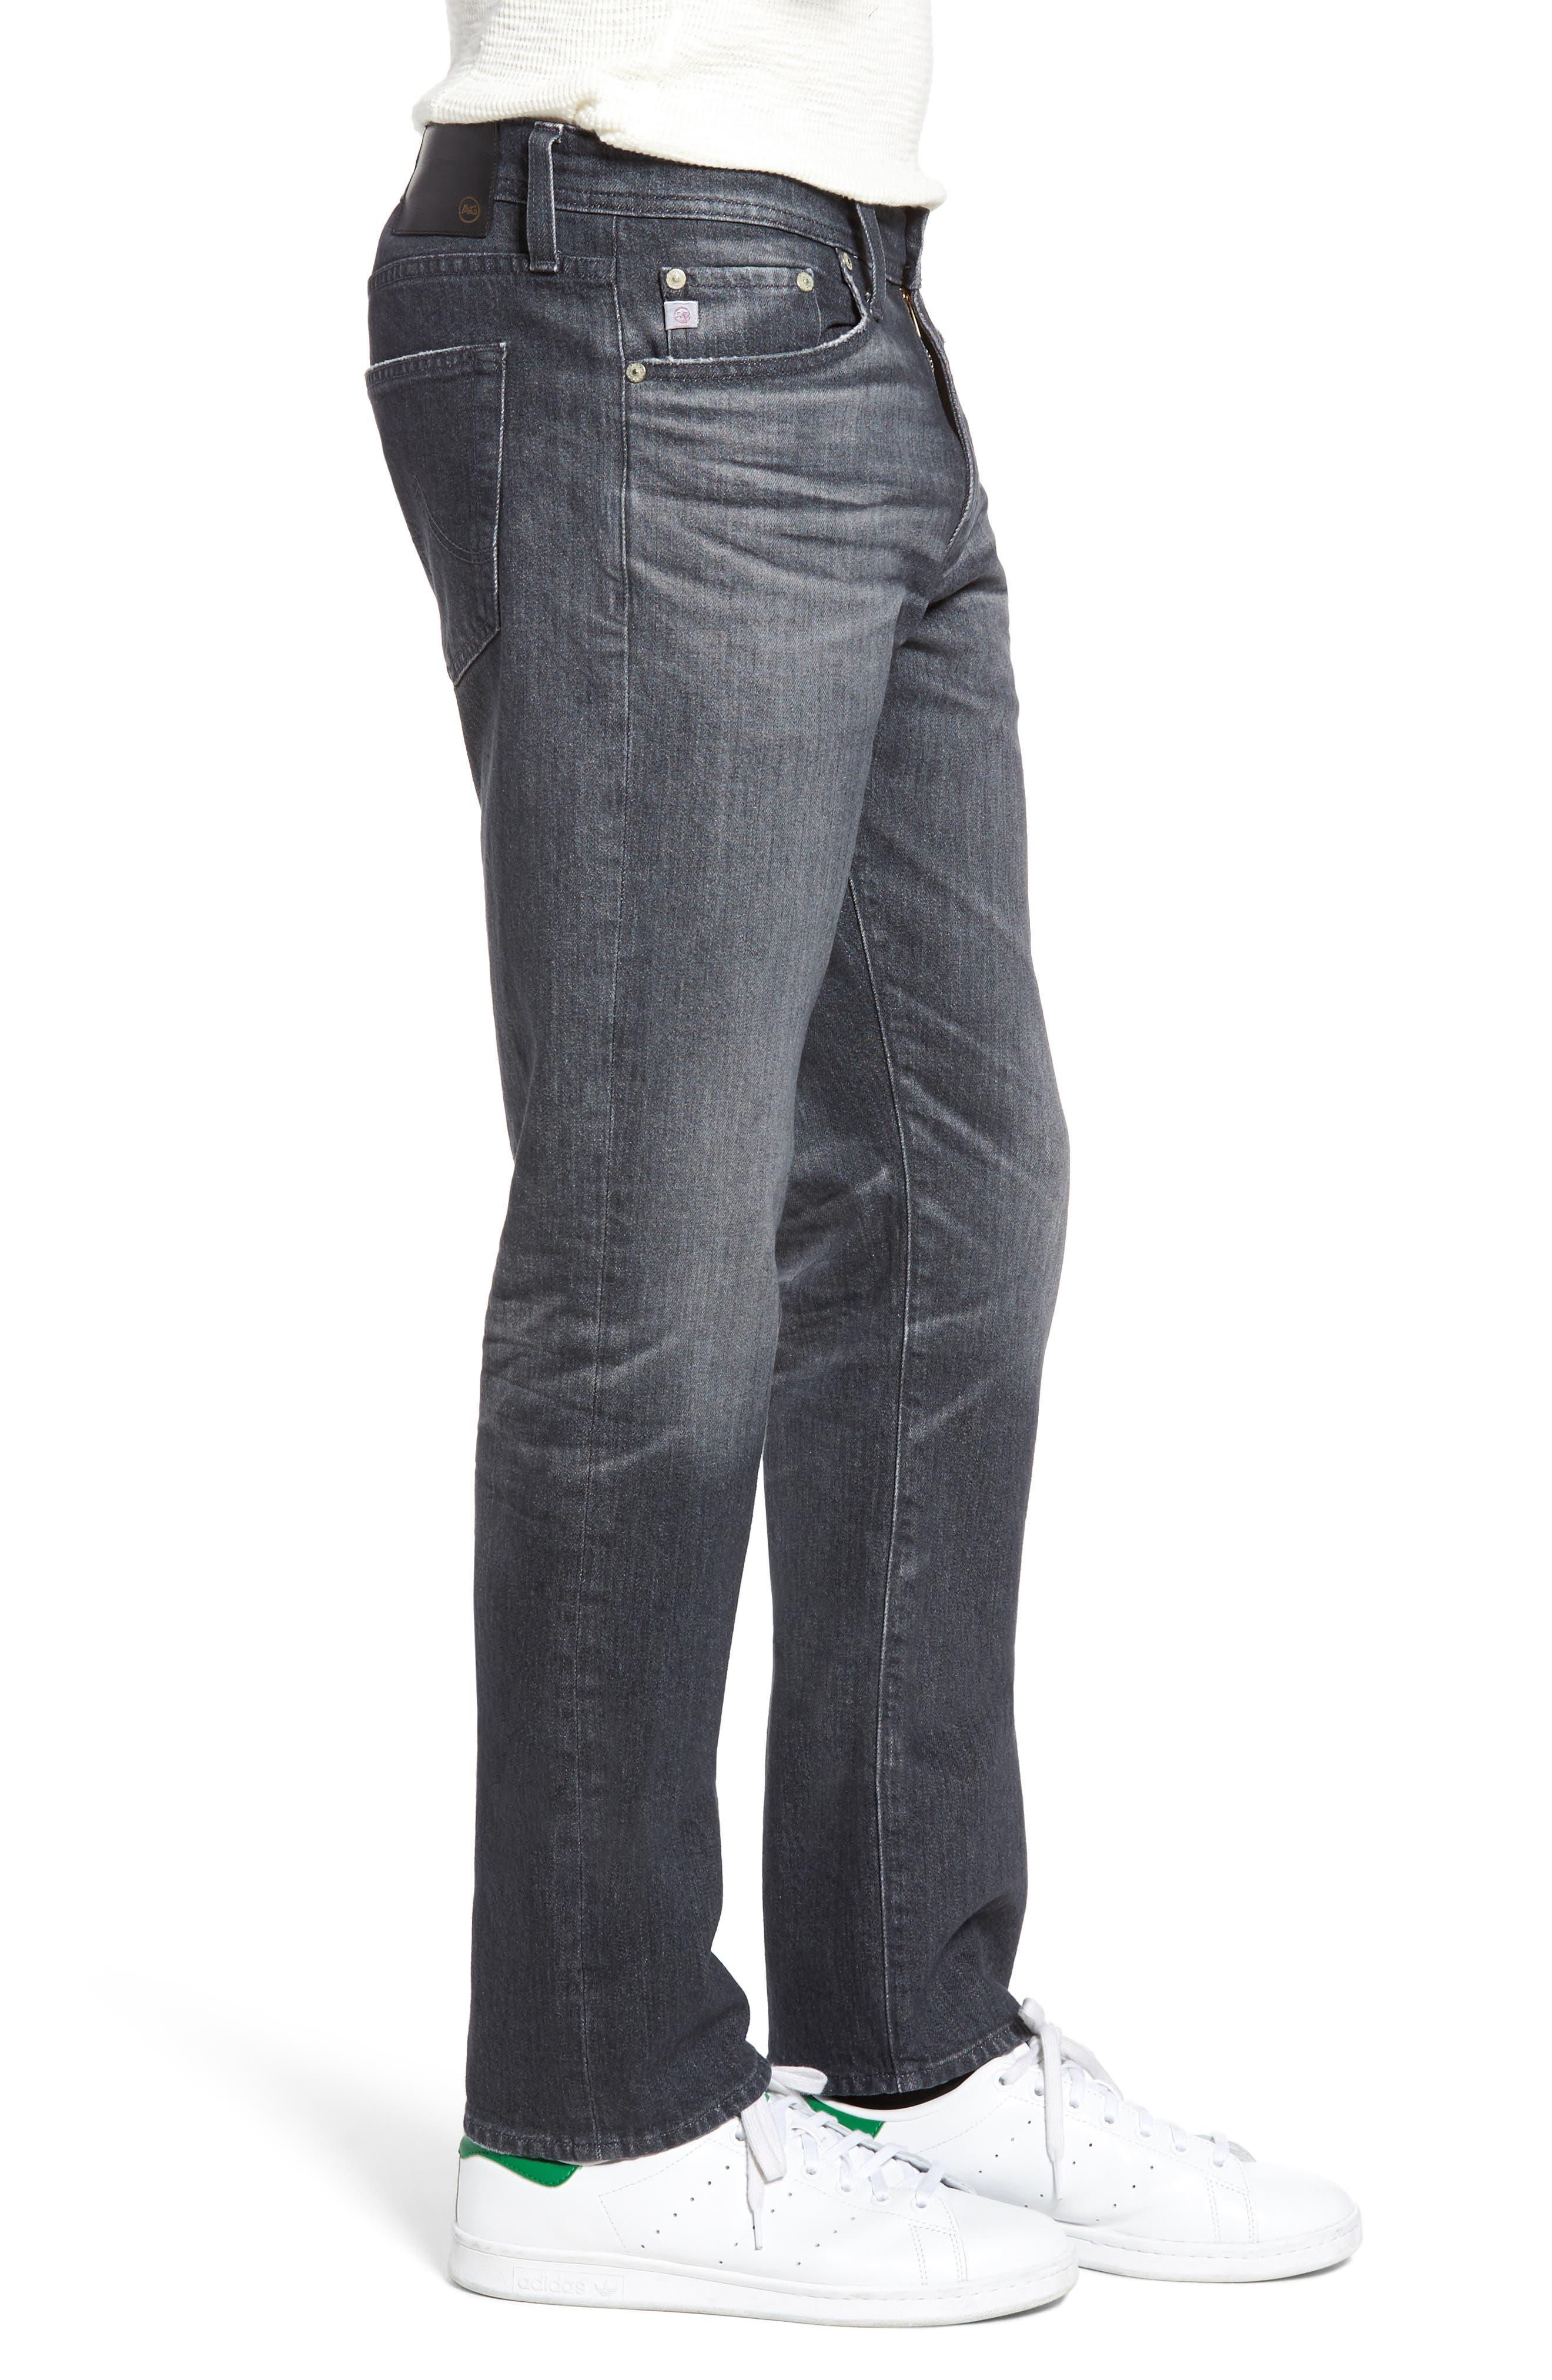 Everett Slim Straight Leg Jeans,                             Alternate thumbnail 3, color,                             023